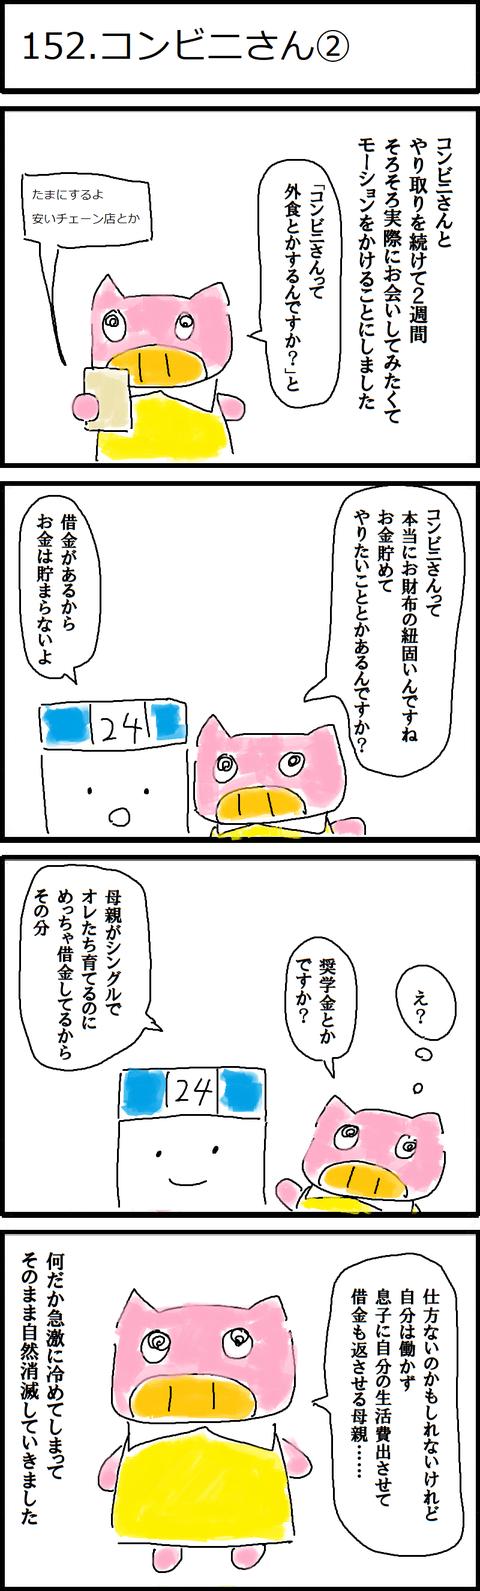 152.コンビニさん②